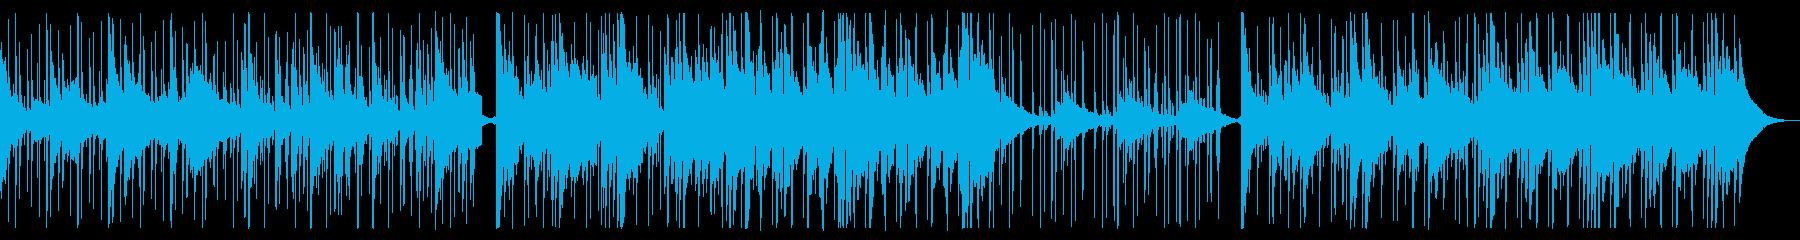 冬を感じるチルBGMの再生済みの波形